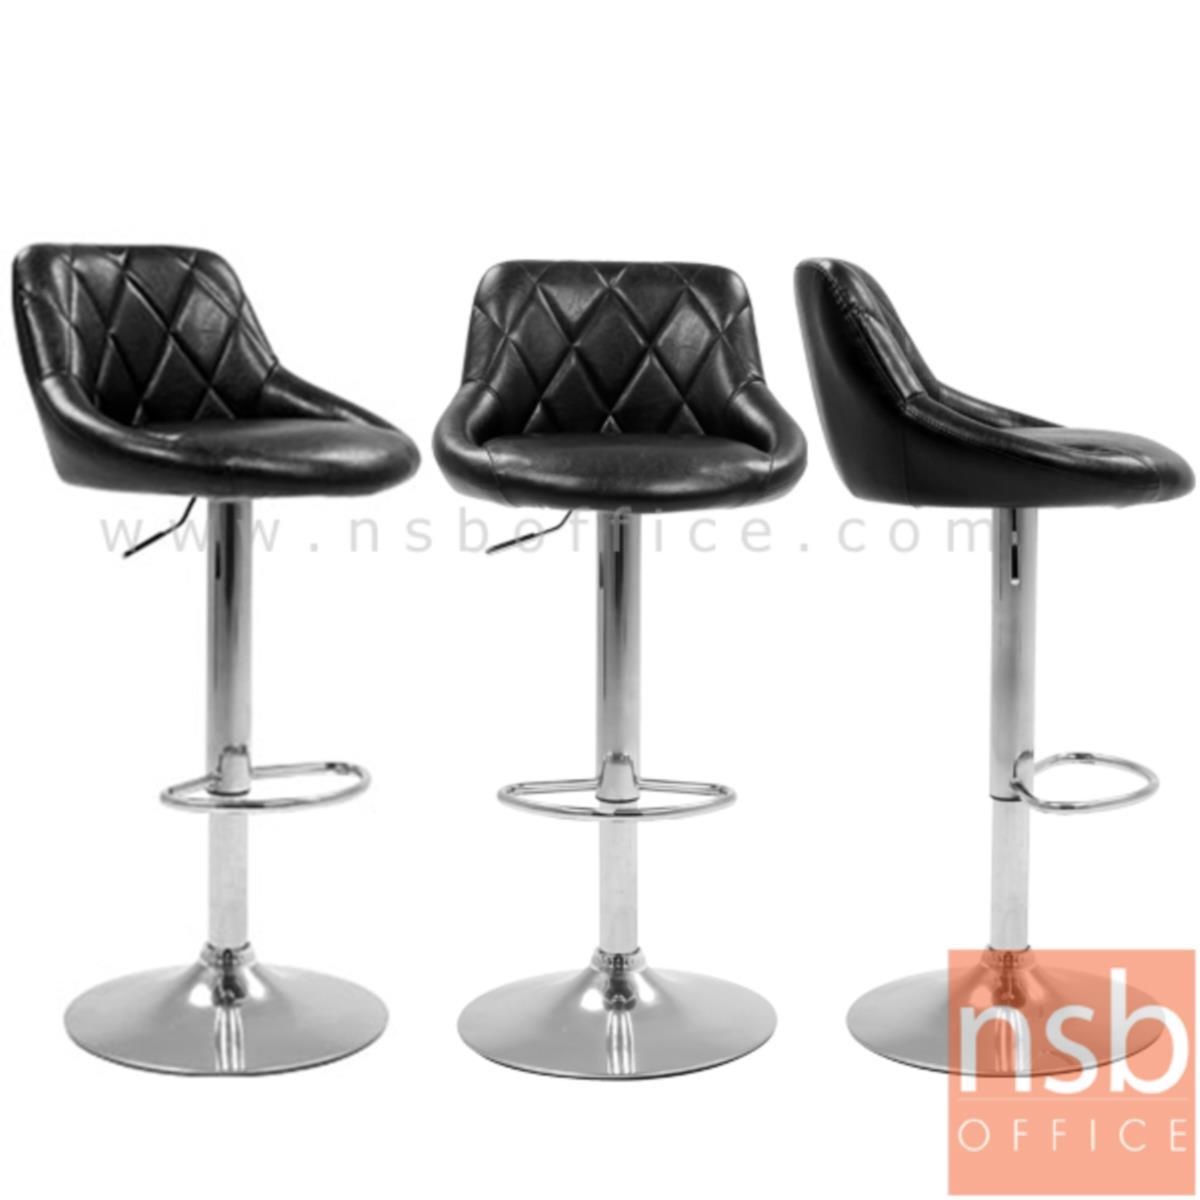 เก้าอี้บาร์สูงหนัง PU BY-CAST รุ่น BHS-1671 ขนาด 51W cm. โช๊คแก๊ส ขาโครเมี่ยมฐานจานกลม